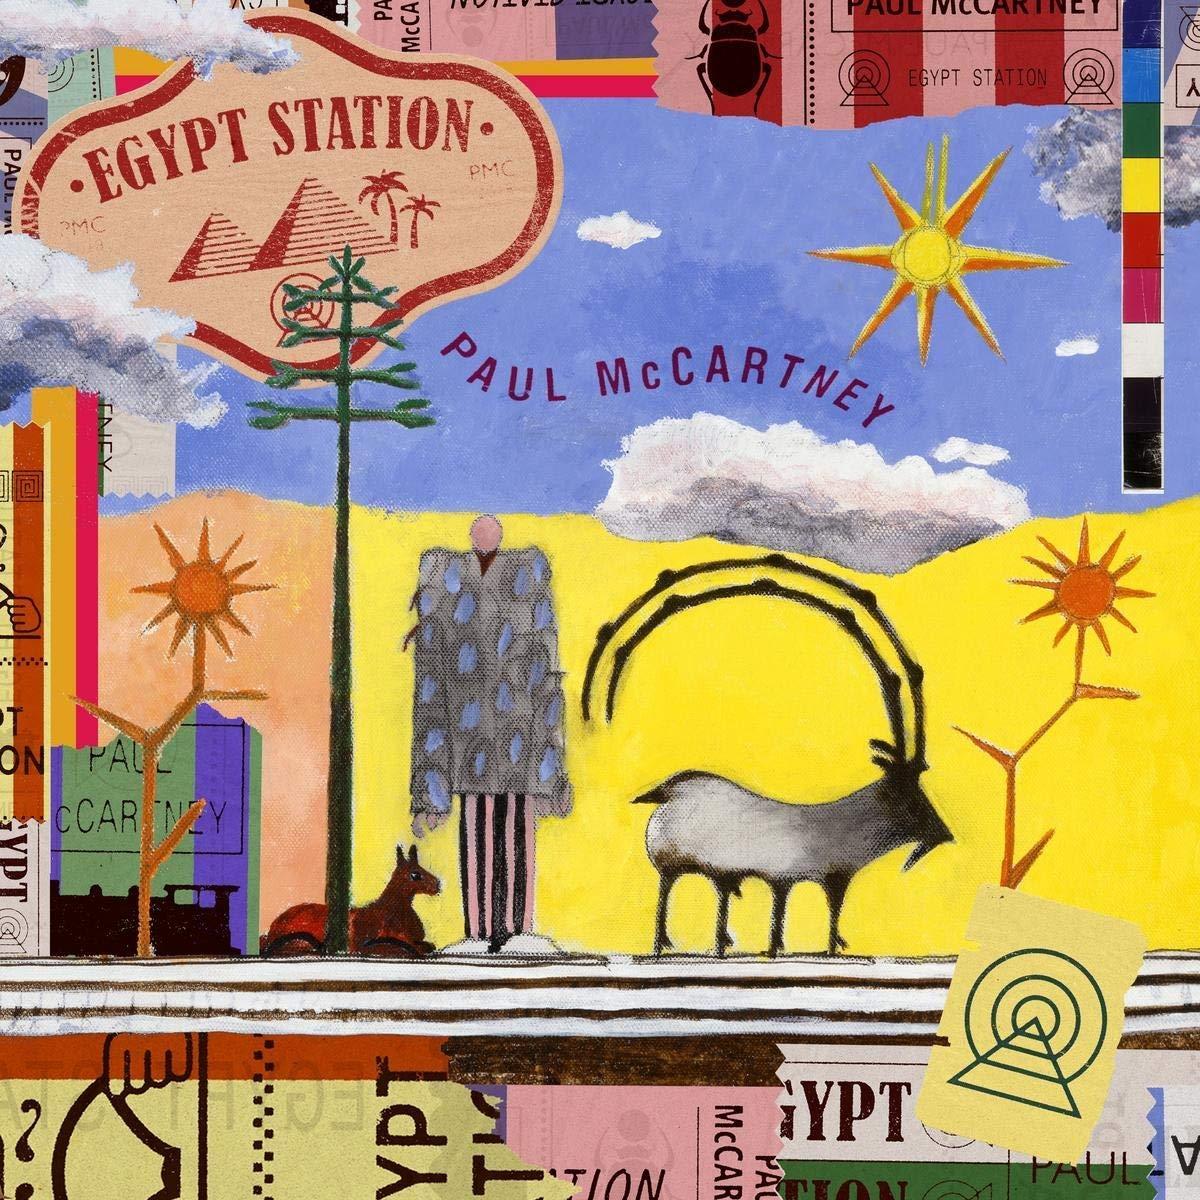 Egypt Station - Paul McCartney